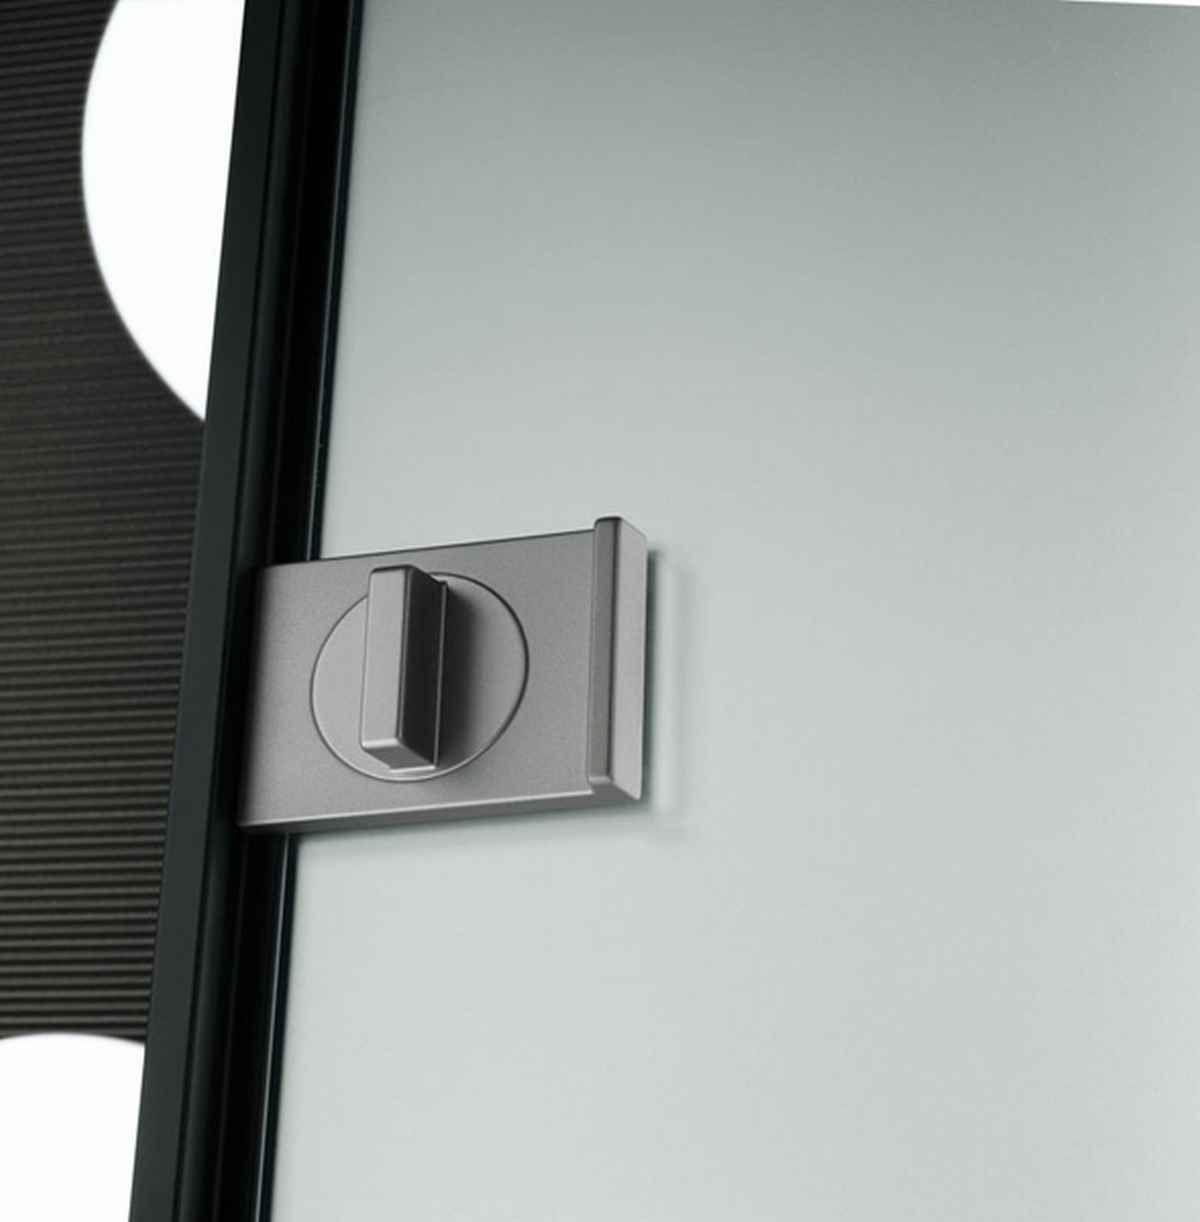 Frameless Glass Sliding Door Locks